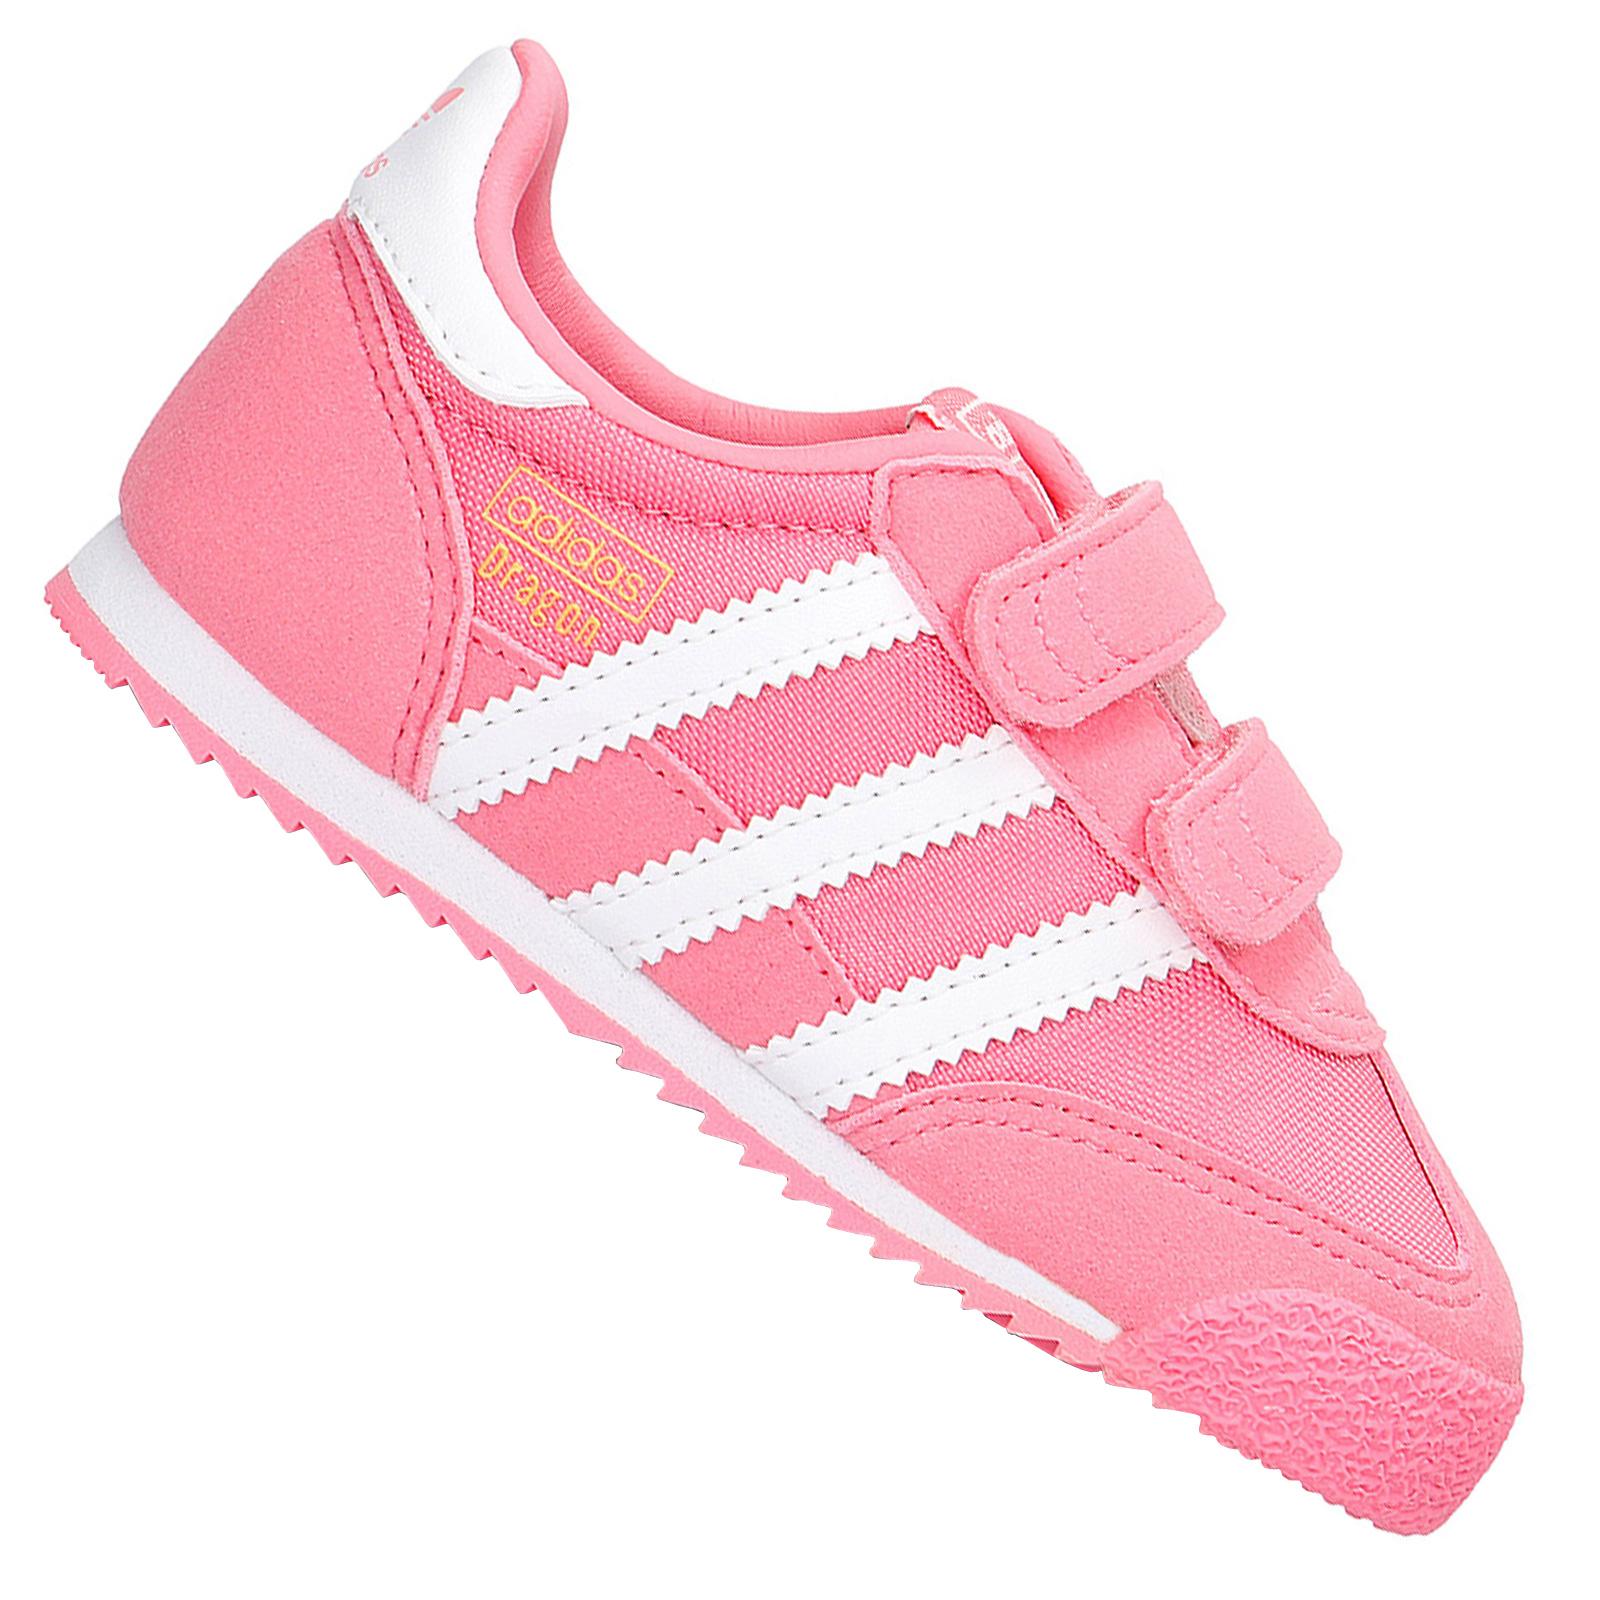 Bb2500 Kinder Lauflern Schuhe Turnschuhe Zu Dragon Mädchen Rosa Adidas Originals Details 80PkNwXOn